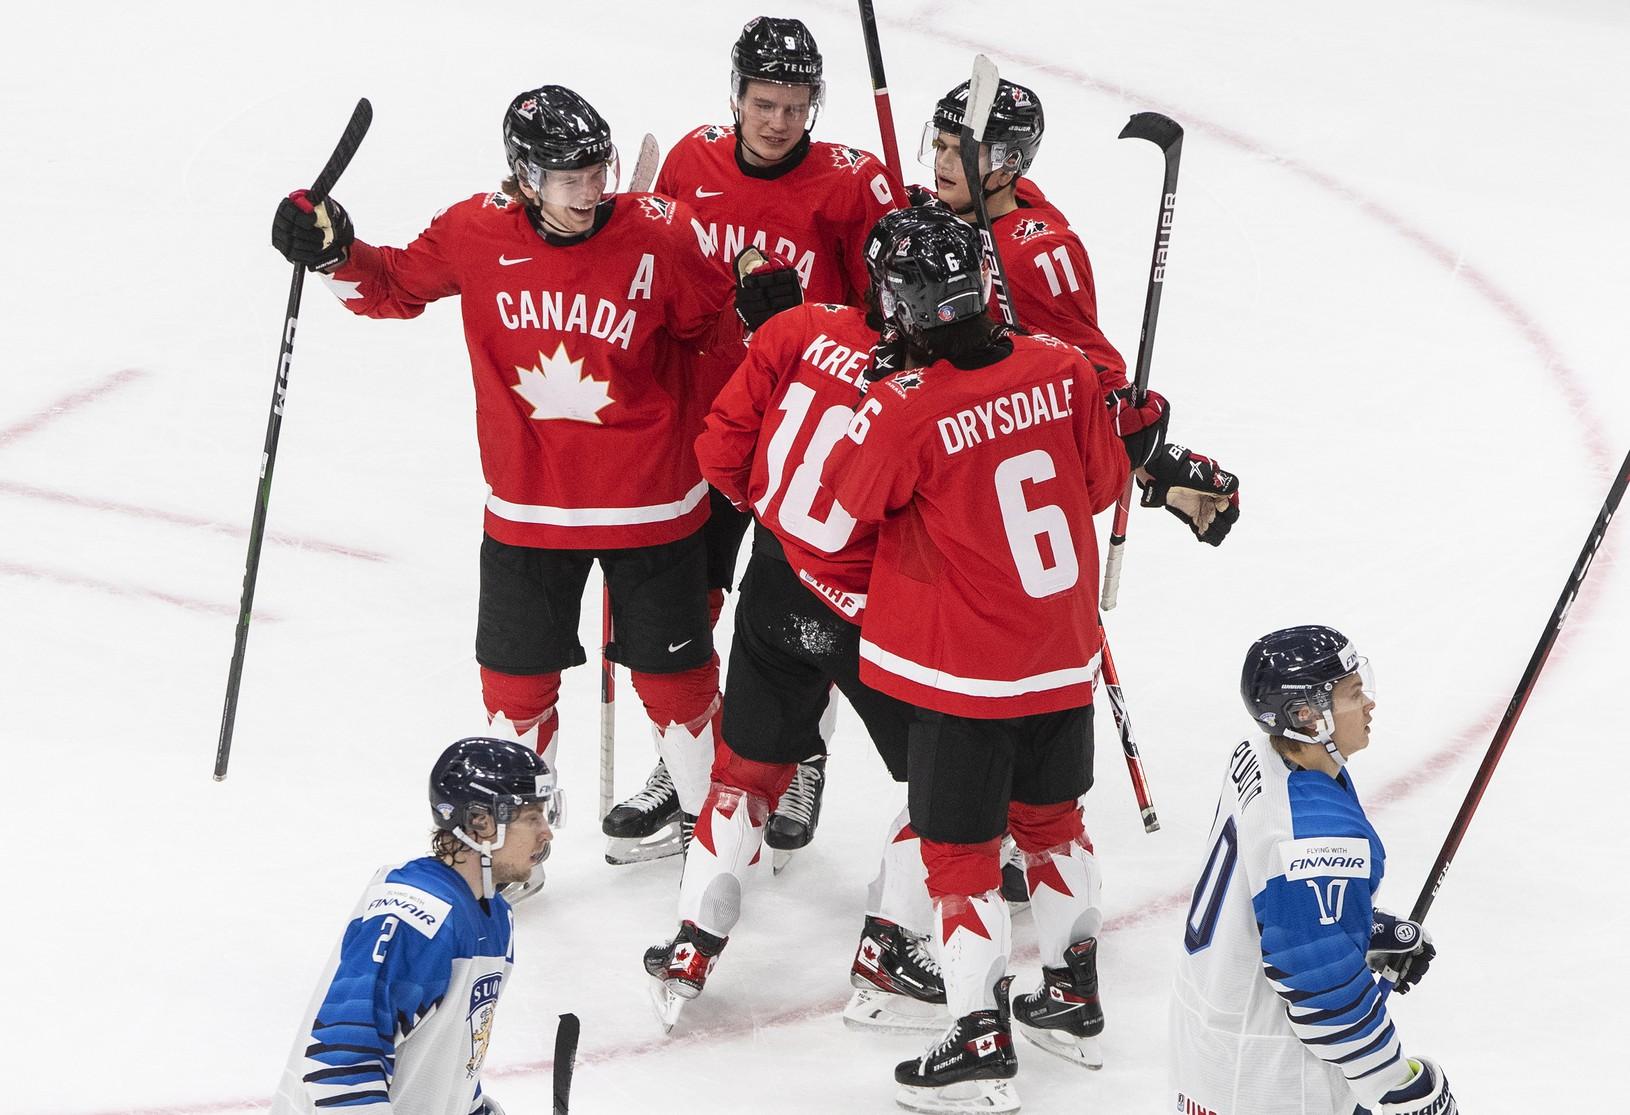 Hokejisti Kanady oslavujú gól